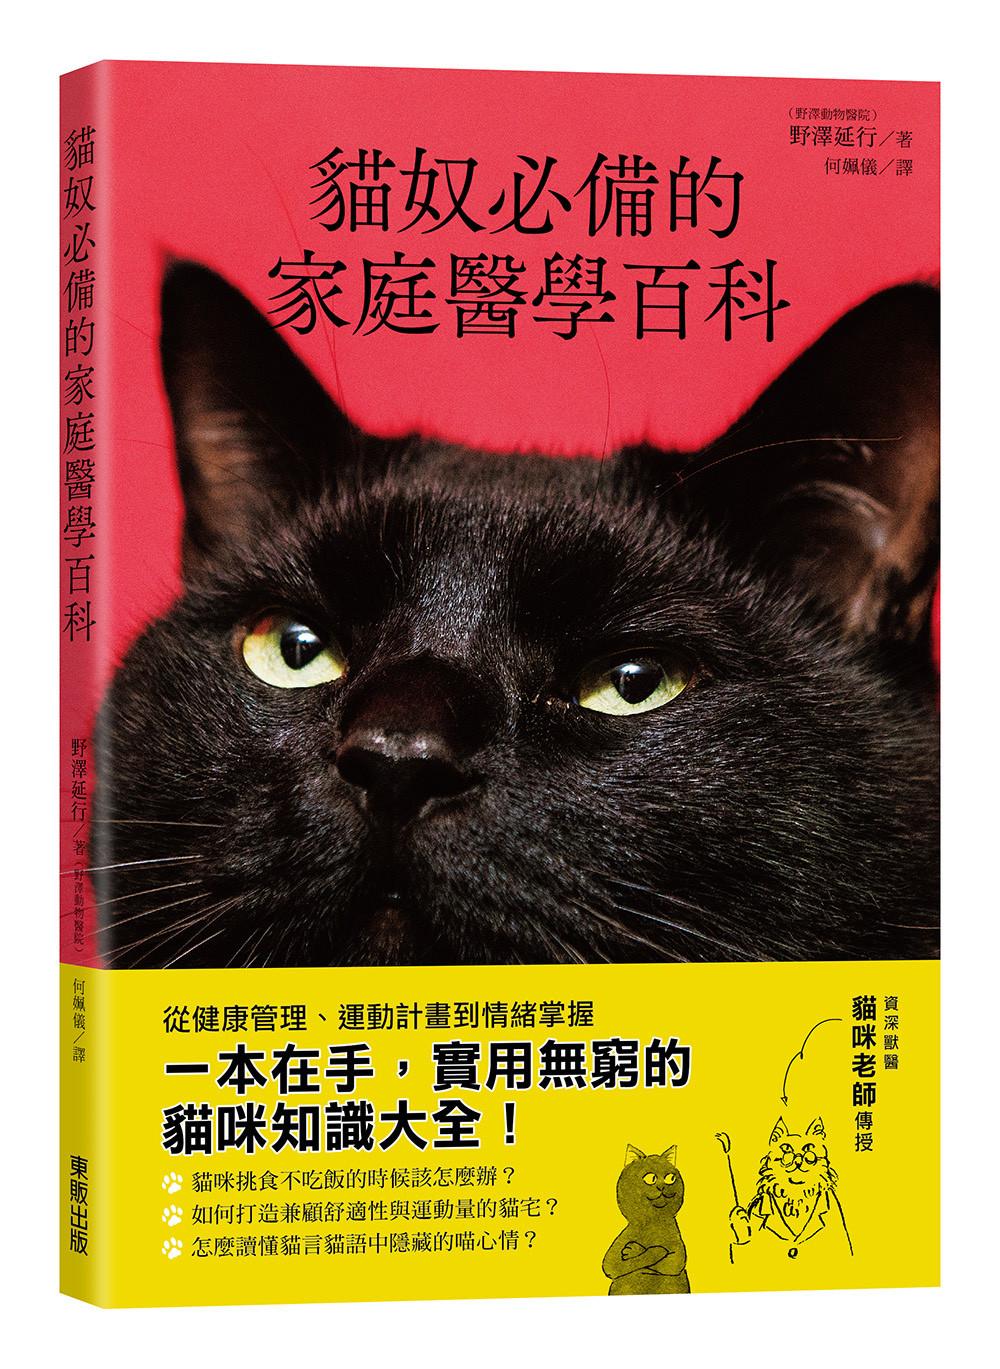 ▲貓奴必備的家庭醫學百科/輕聲細語也是愛。(圖/台灣東販提供)